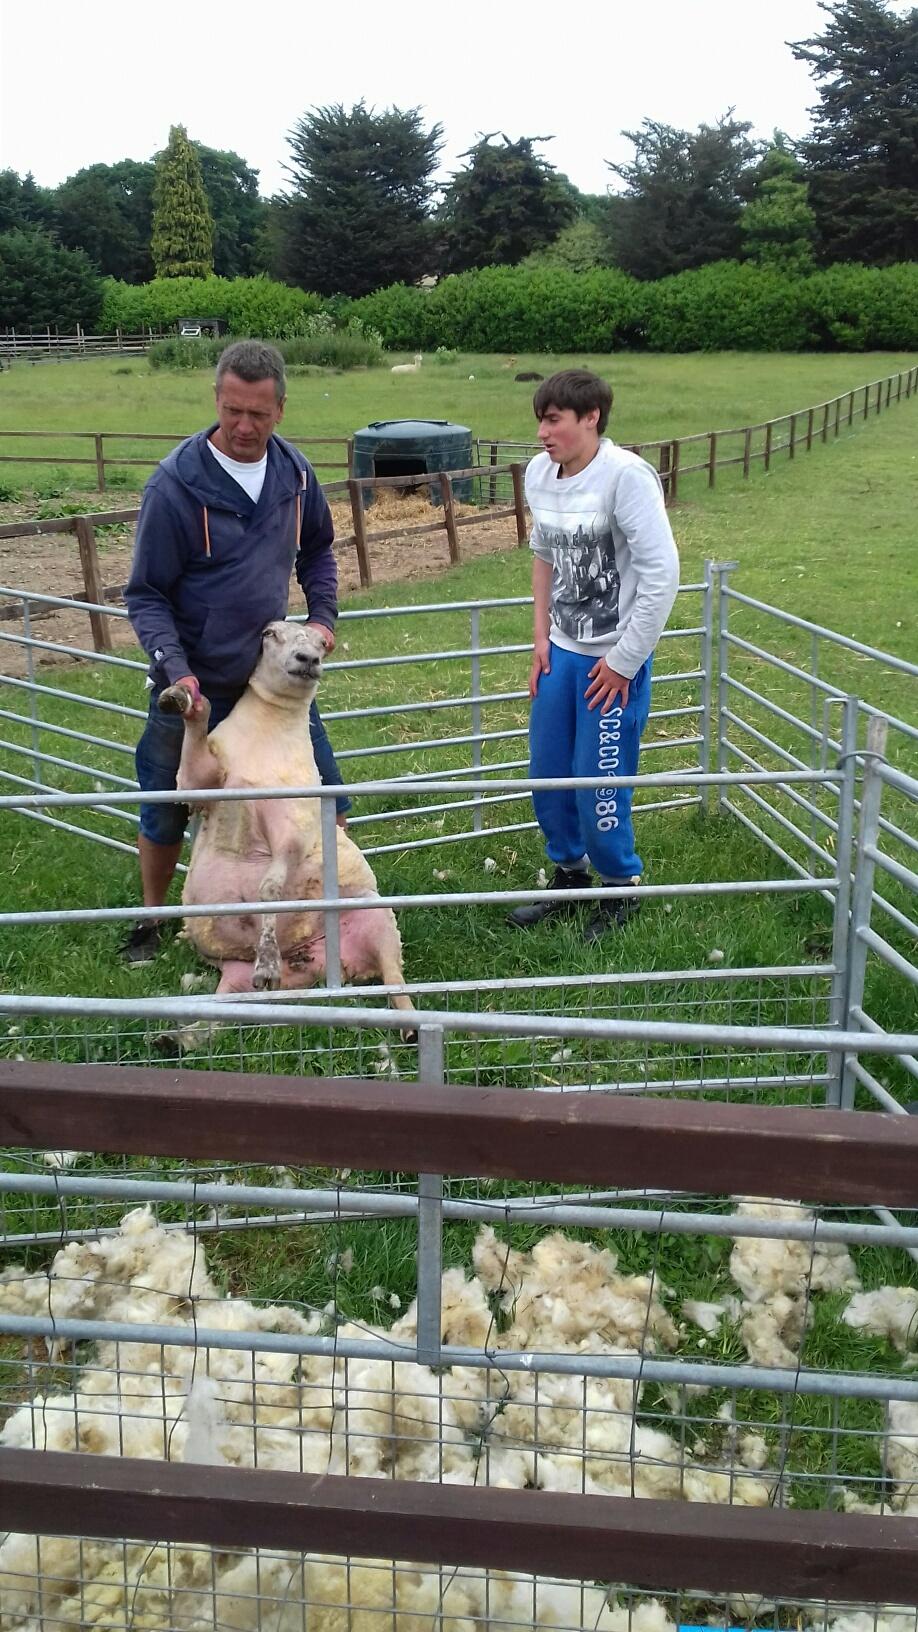 care farm 04.06.18.jpg